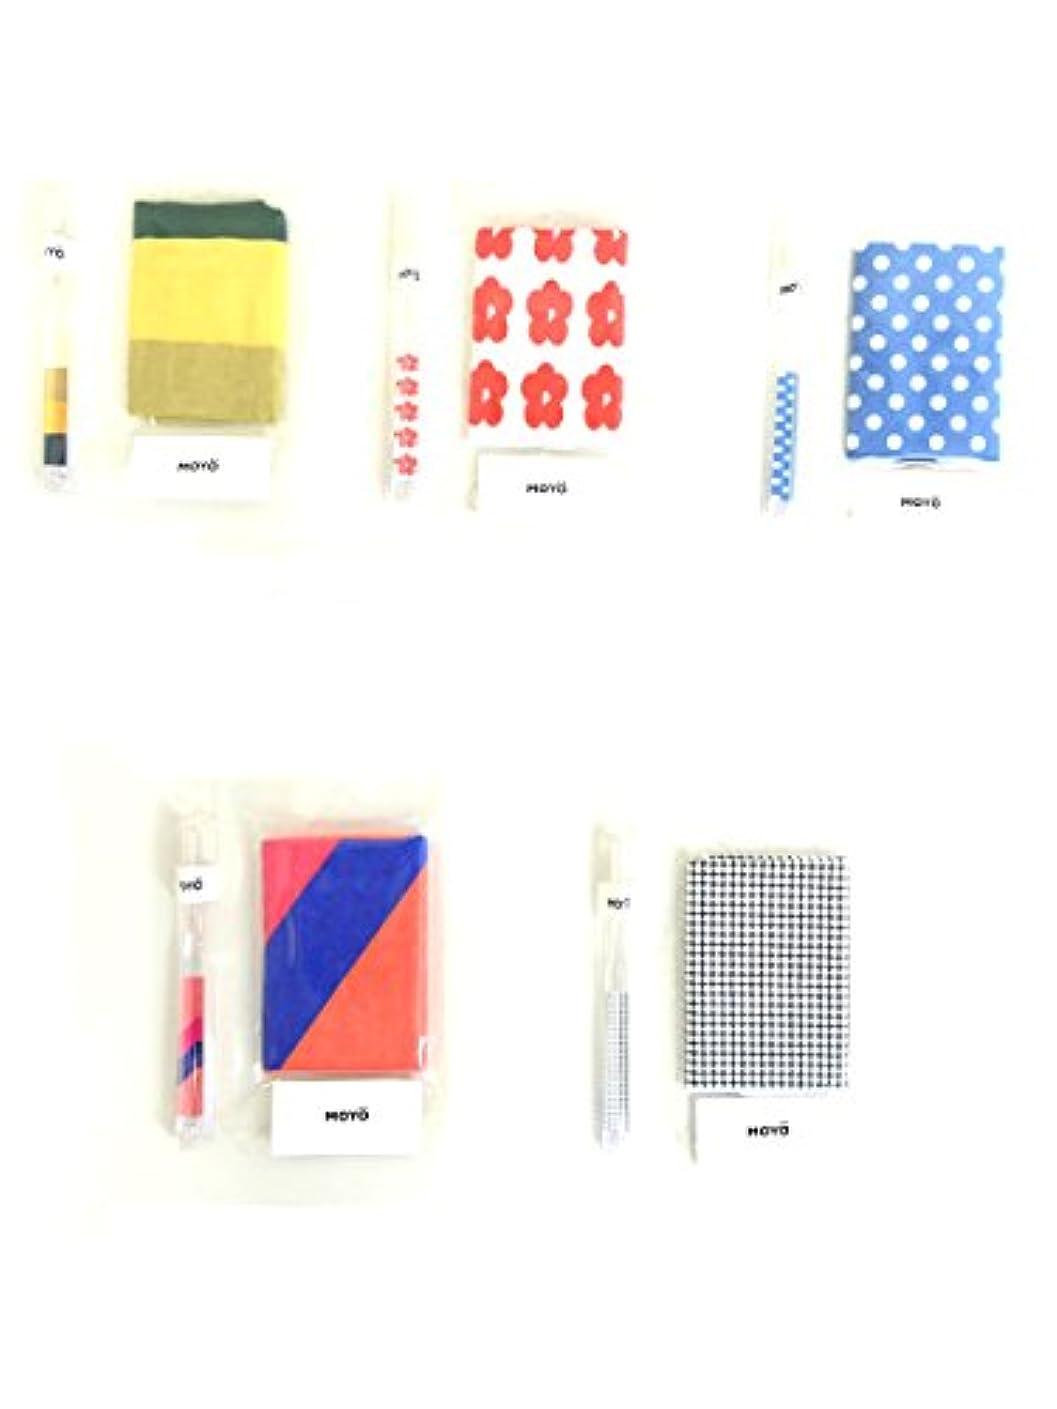 凝縮する作り炭素MOYO モヨウ 5柄まとめて歯ブラシ+ガーゼタオルセット_562302-5set 【F】,タイプB